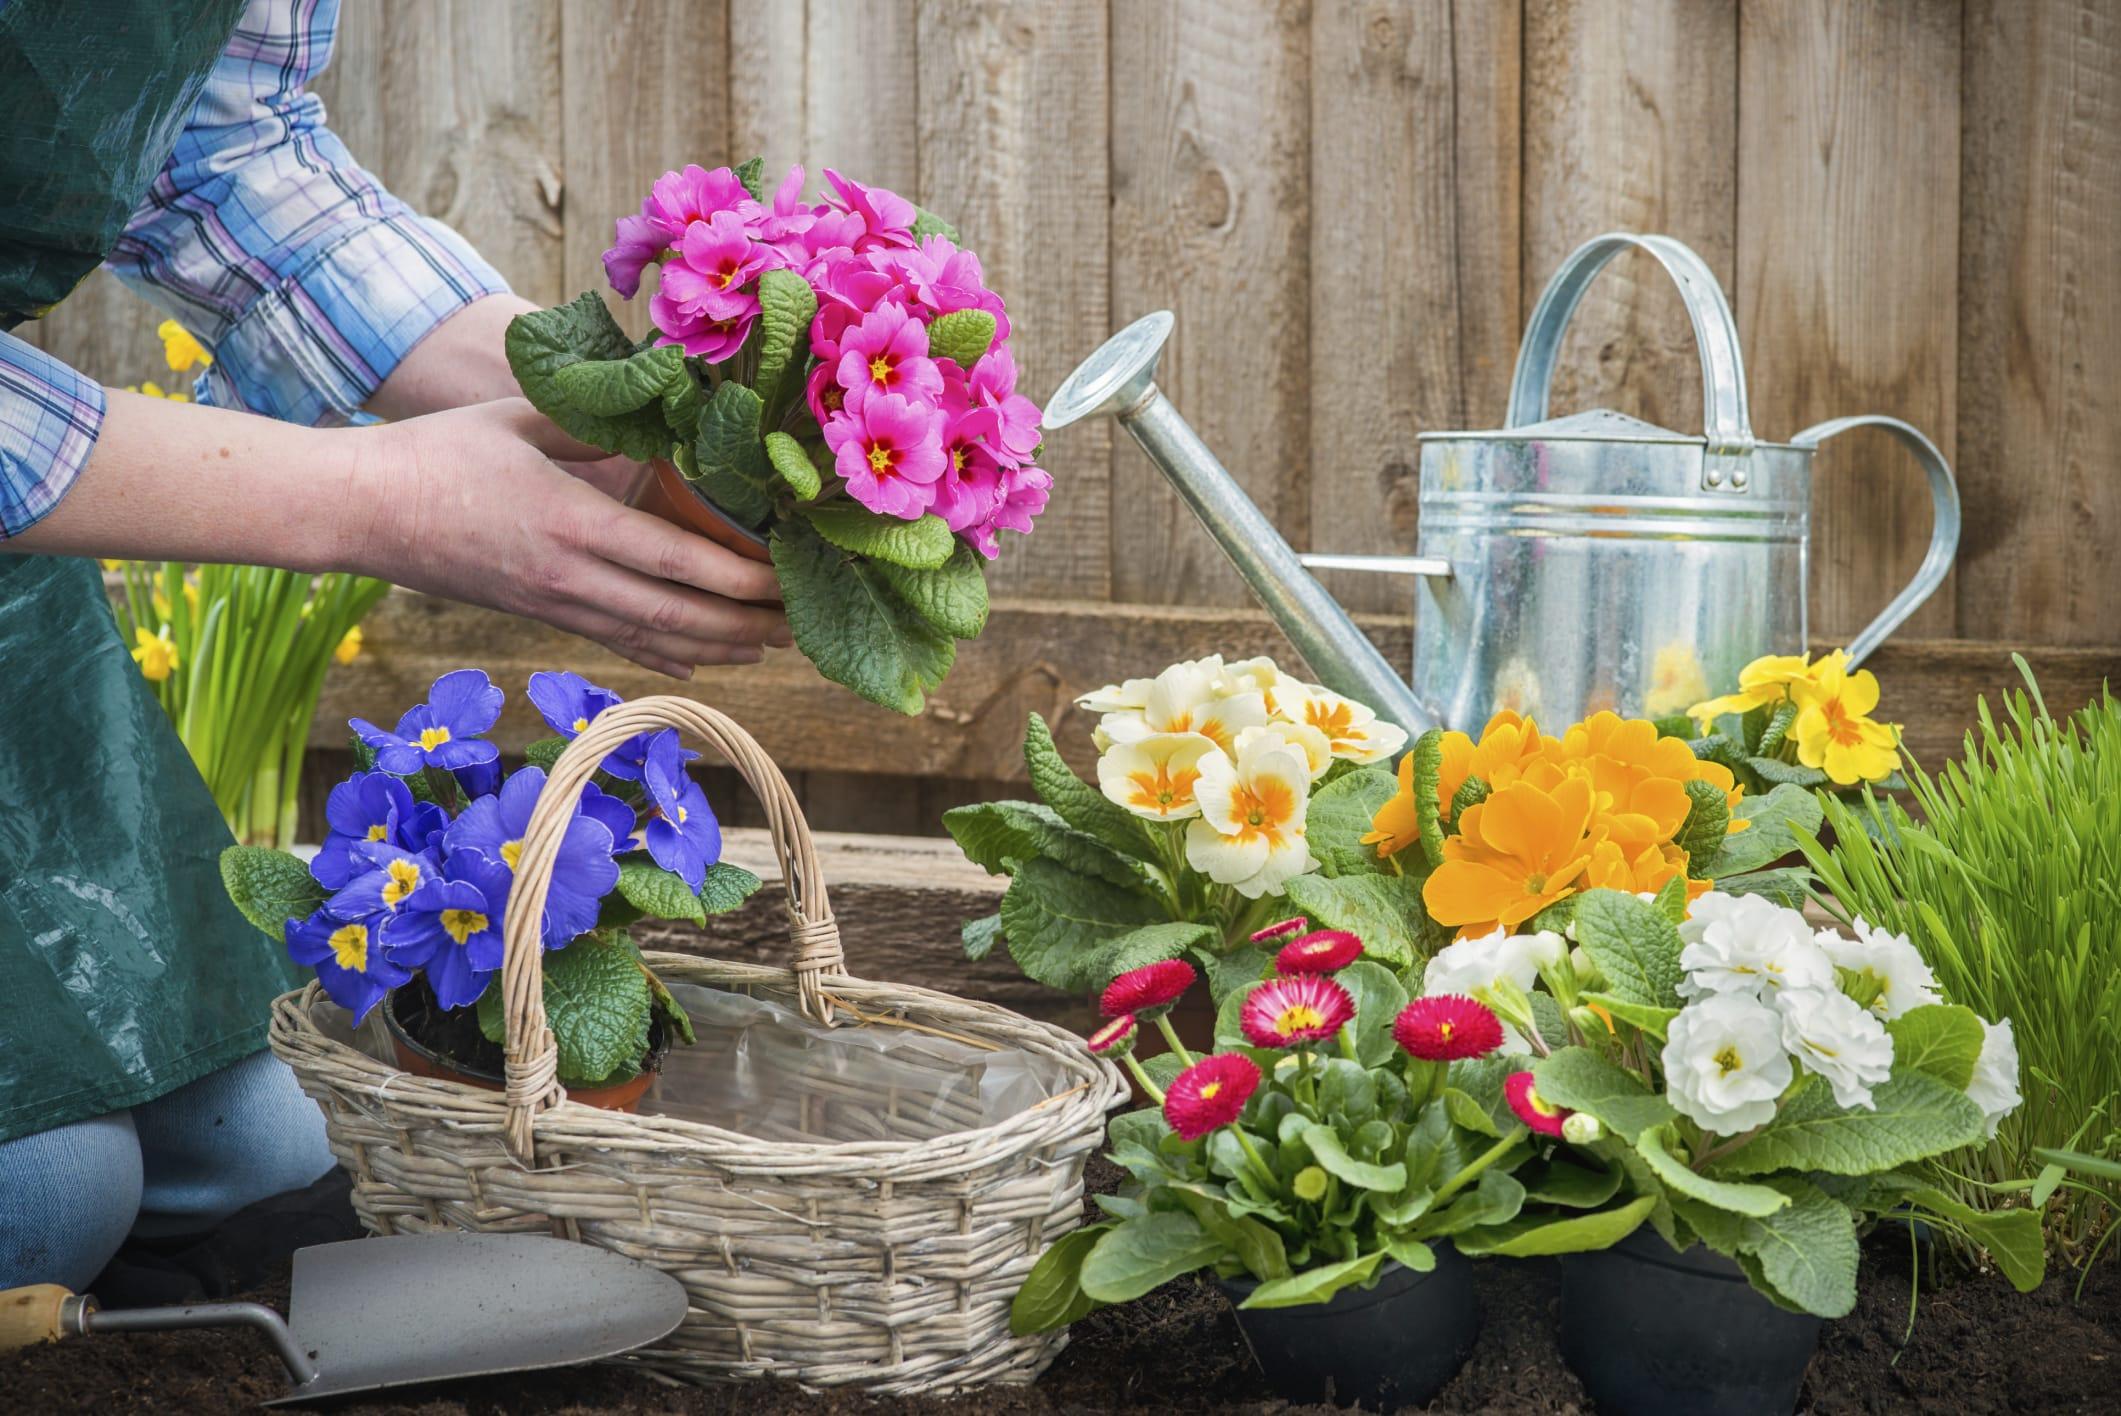 Come prevenire il mal di schiena causato dai lavori di giardinaggio